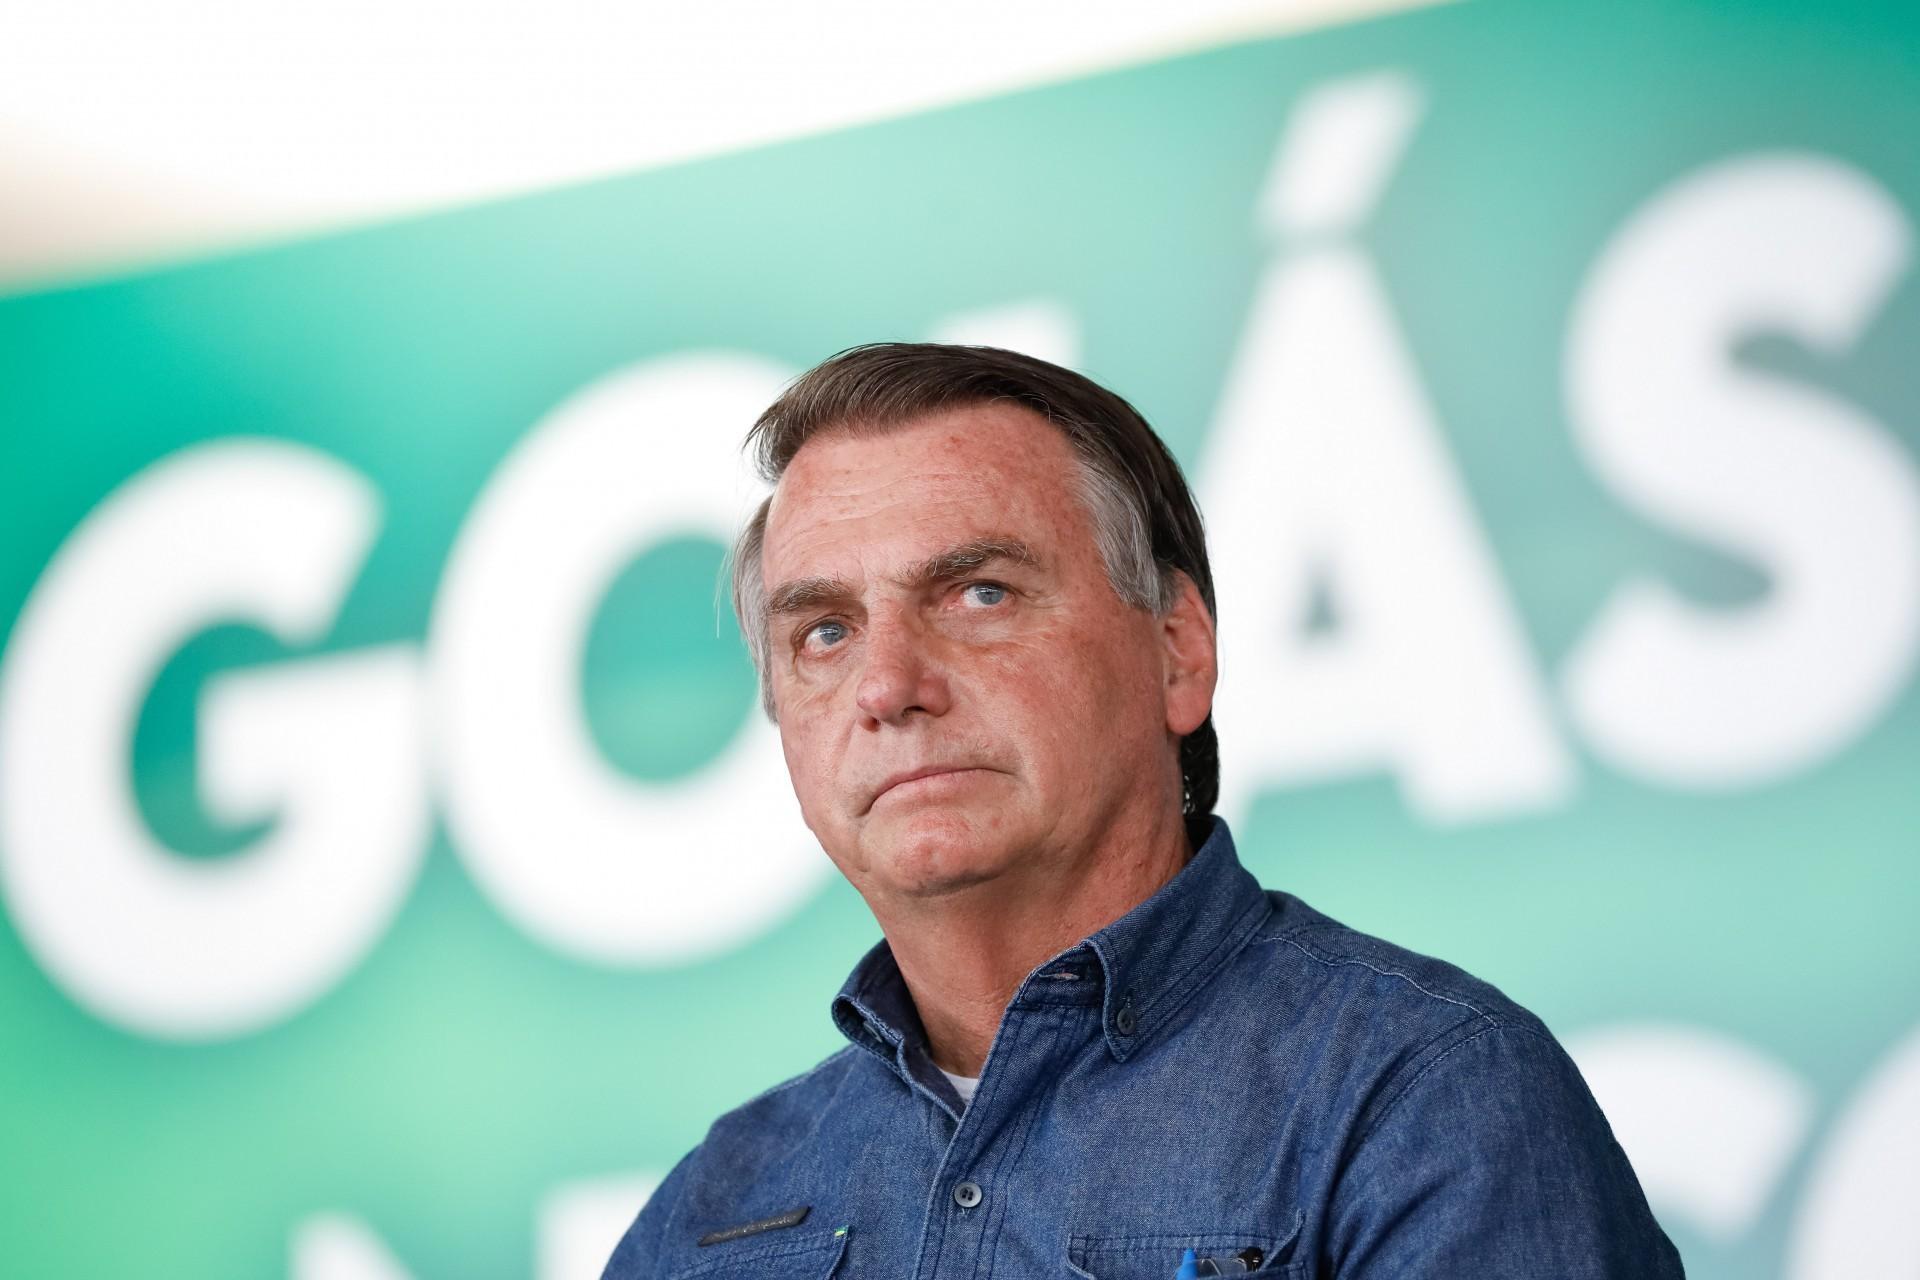 (Goiânia - GO, 28/08/2021) Presidente da República Jair Bolsonaro no encontro com Lideranças do Estado de Goiás. Foto: Alan Santos/PR (Foto: Alan Santos/PR)